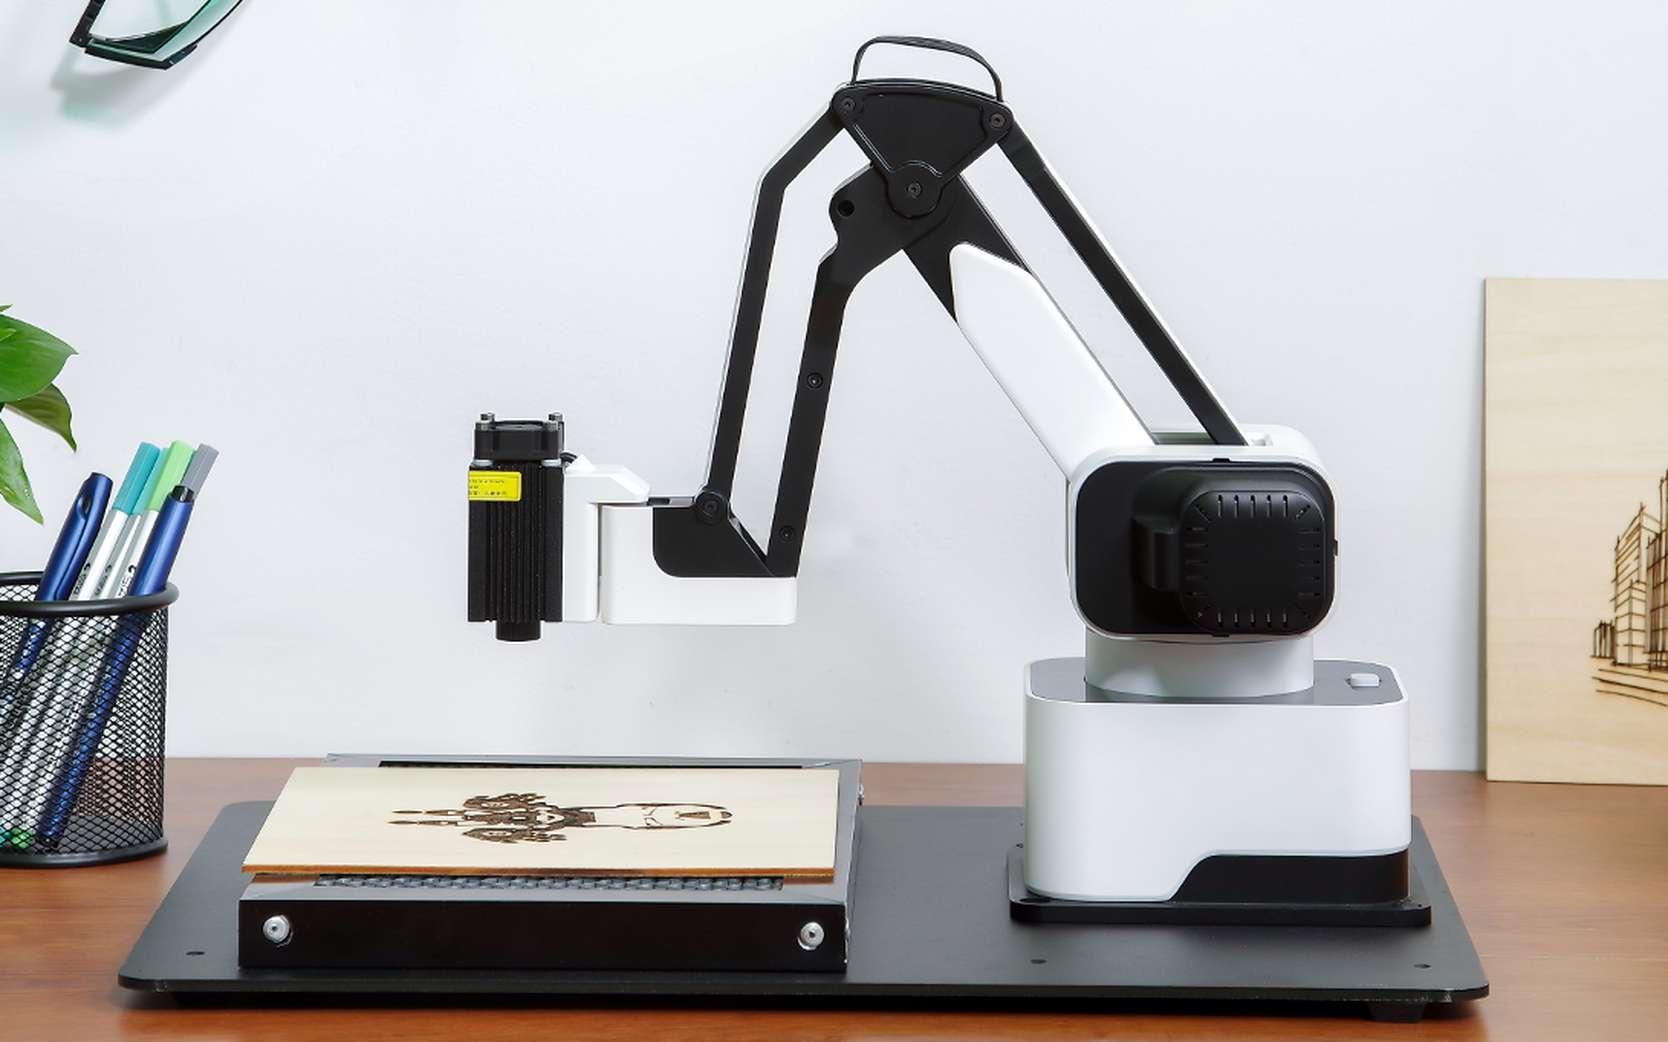 Hexbot est un robot aux têtes interchangeables pour imprimer en 3D, dessiner, graver ou jouer. © Hexbot Robotics